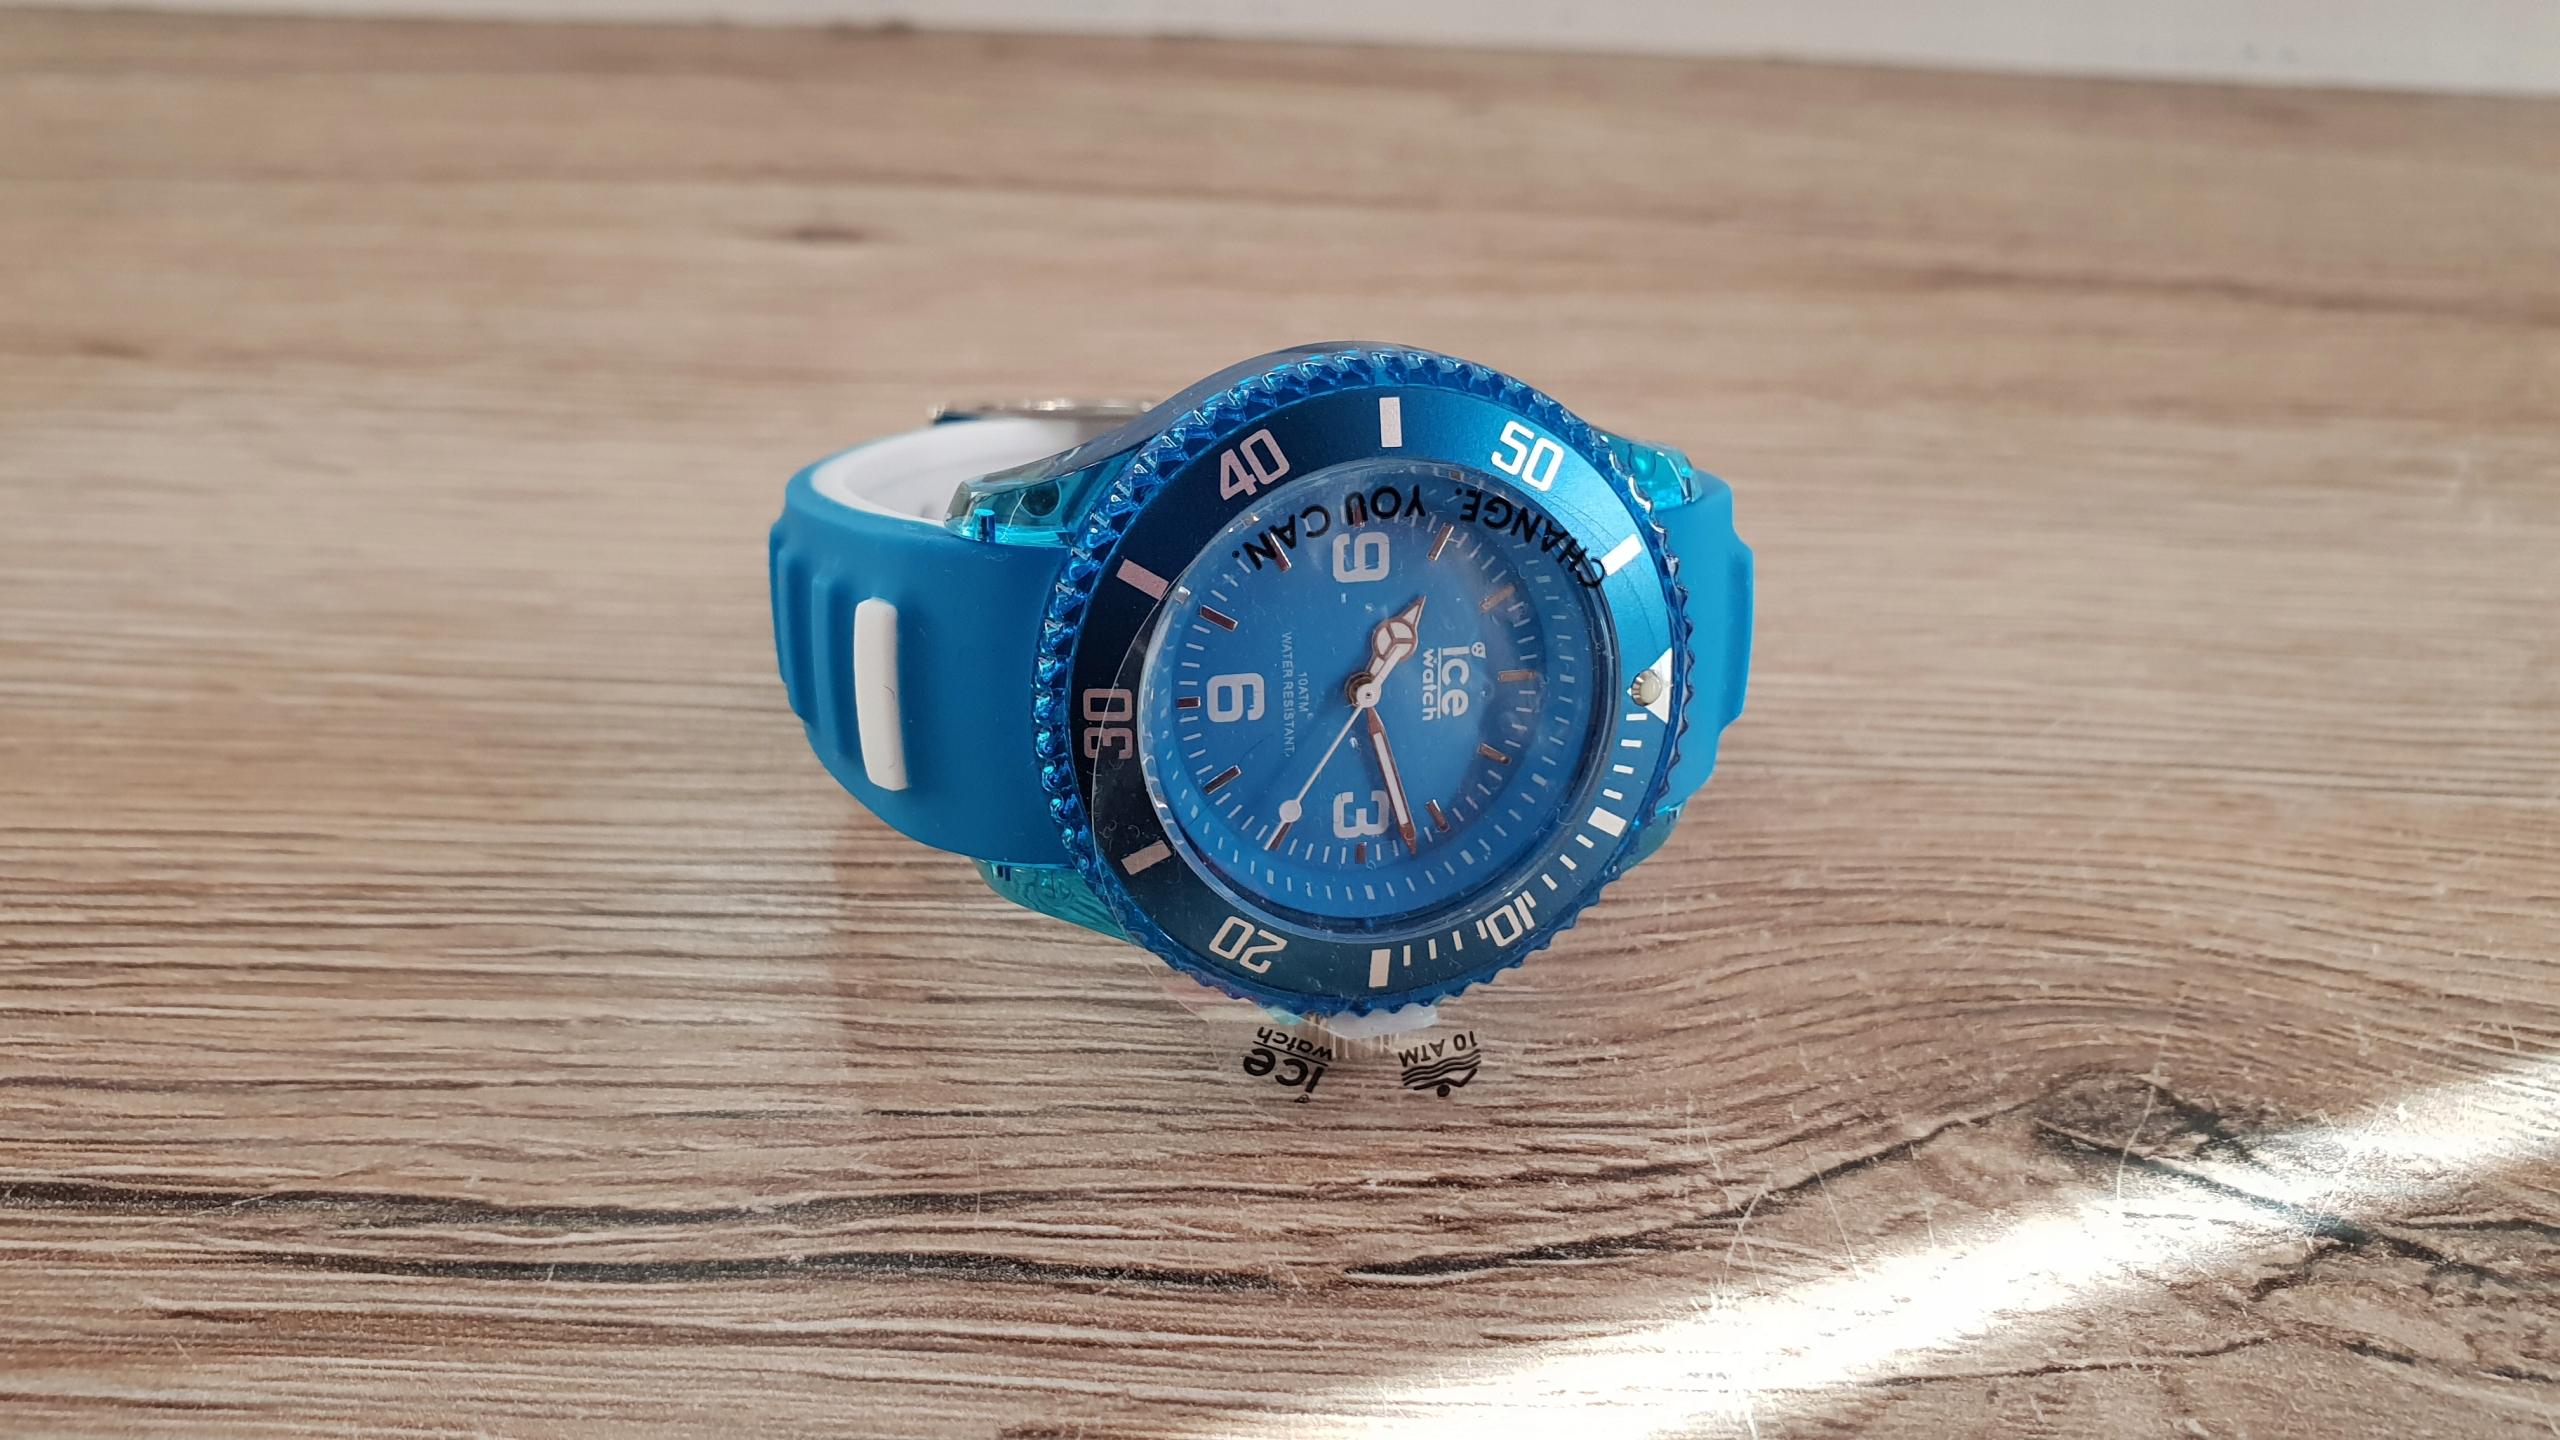 Zegarek Ice Aqua ref 240764